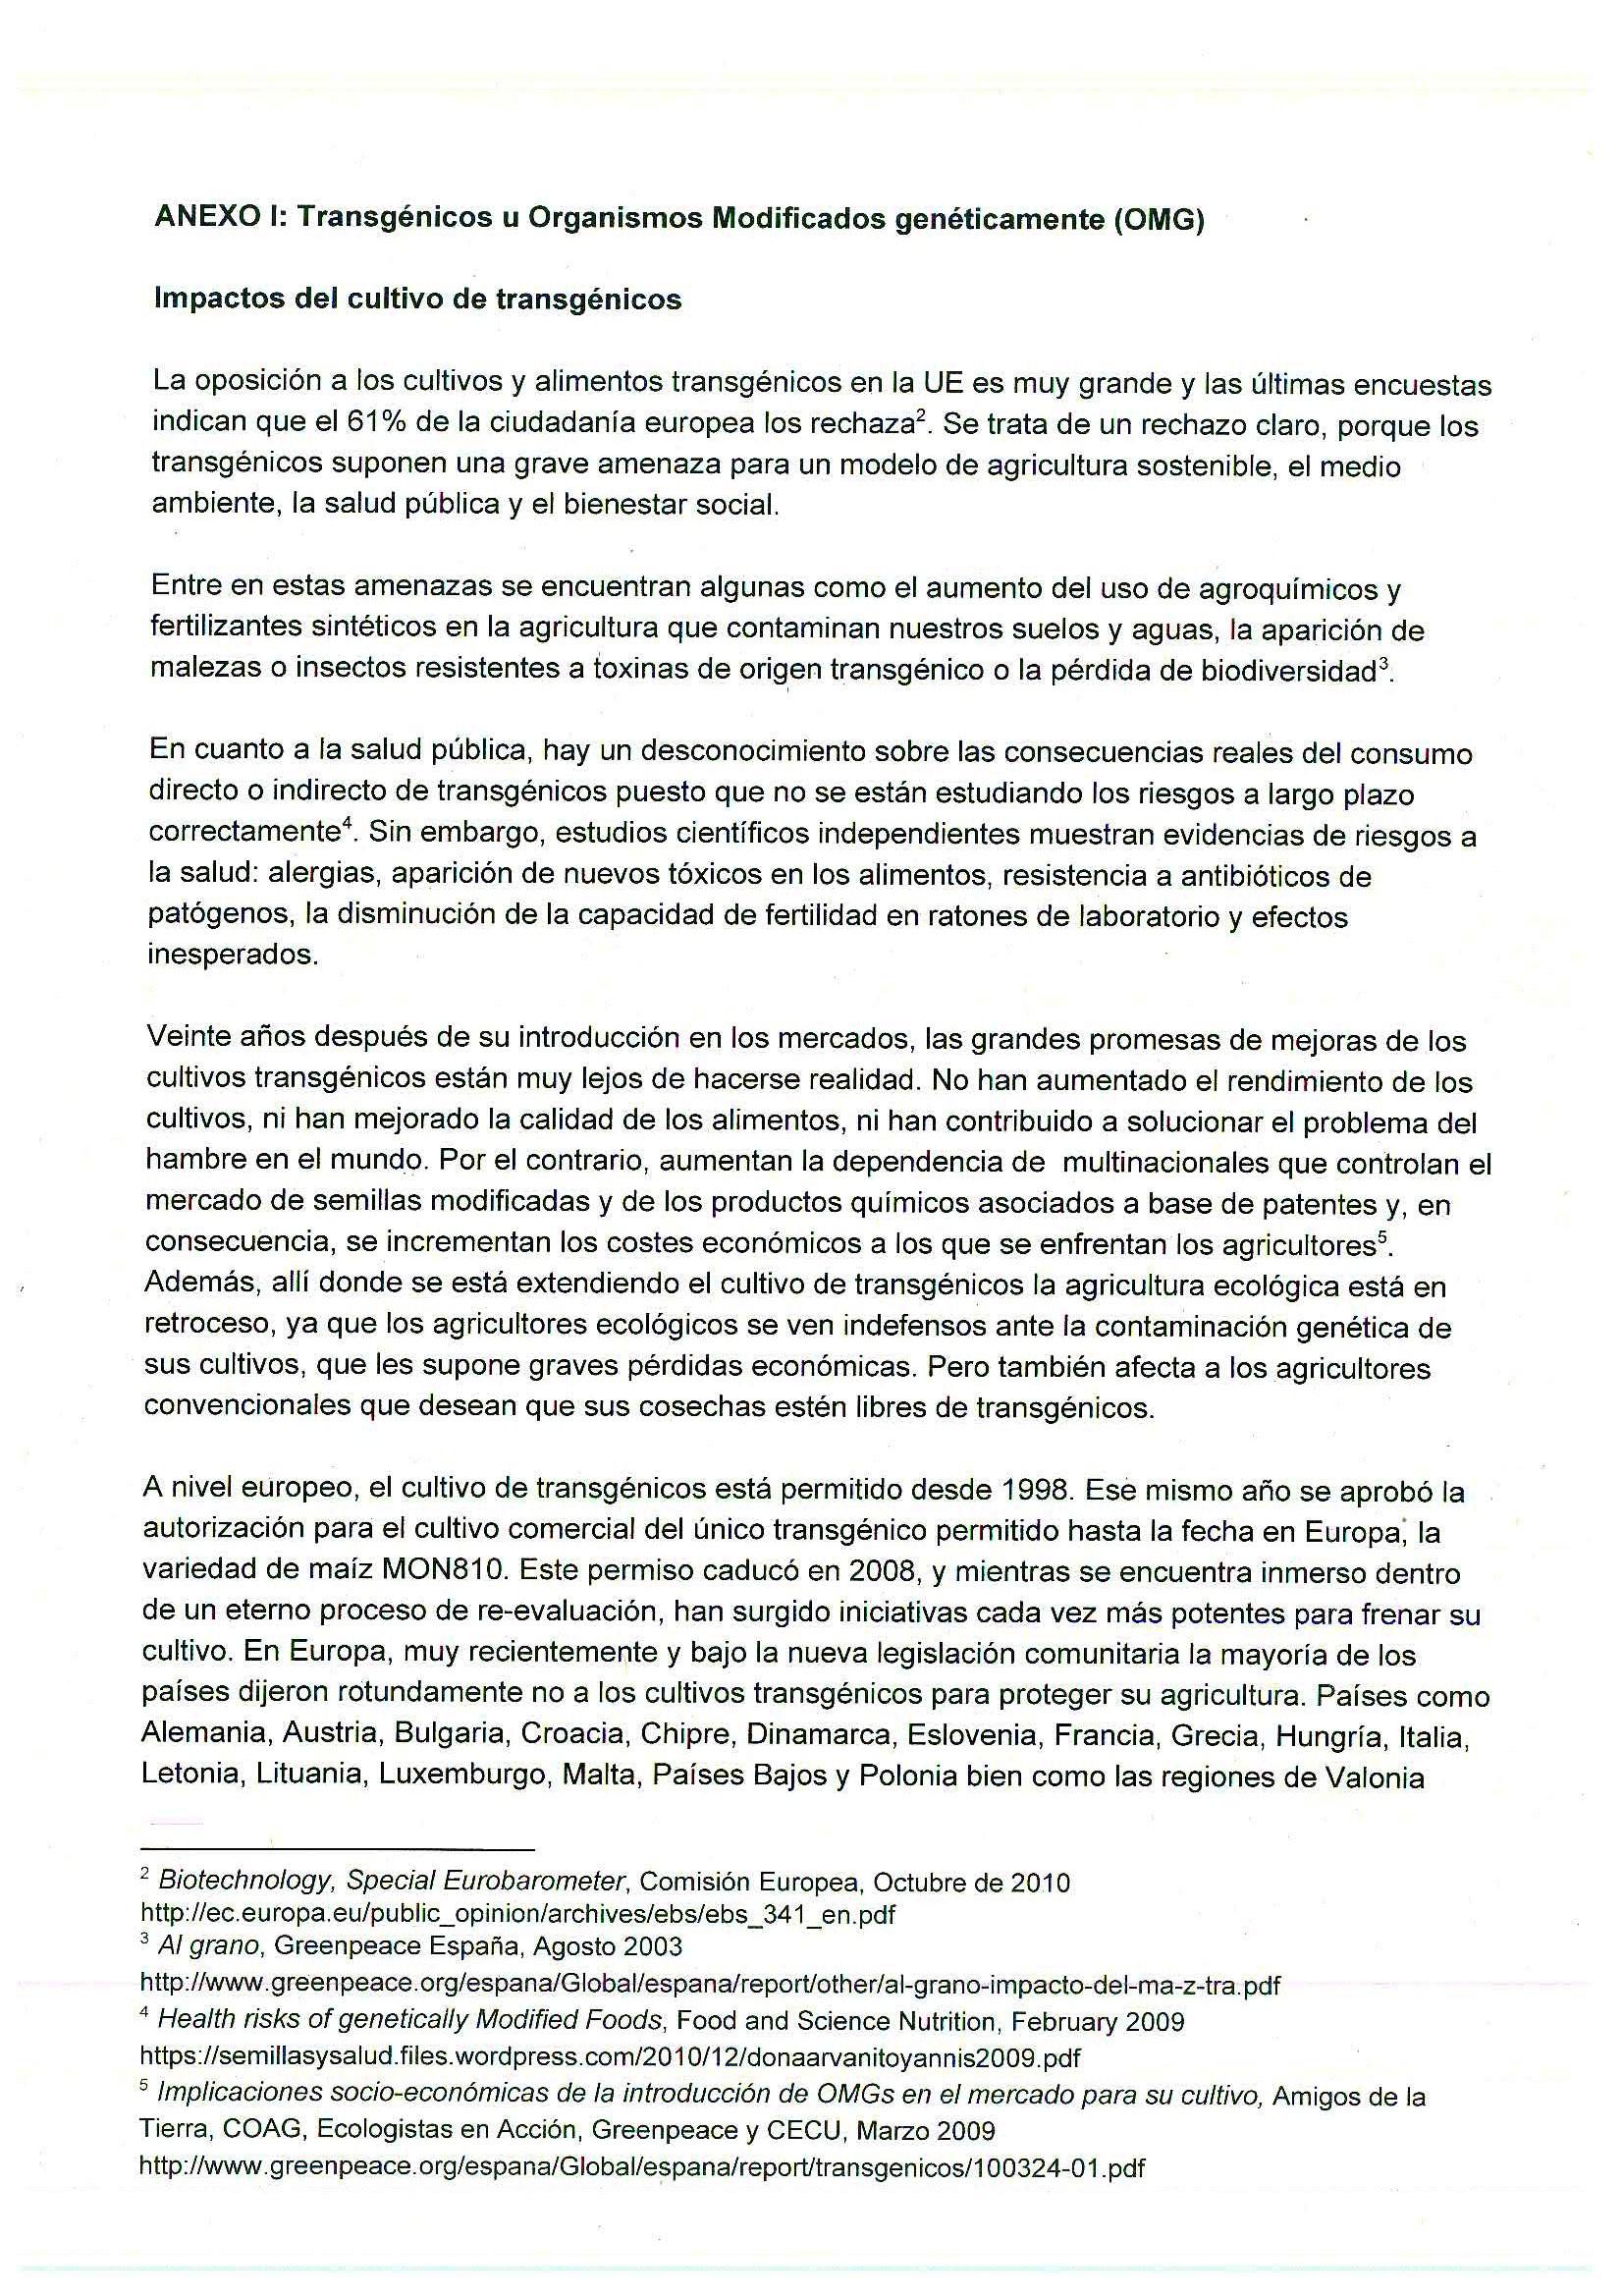 Aldeire.-Carta-ZLT%2c-glifosato-y-compra-publica-ecologica-0002